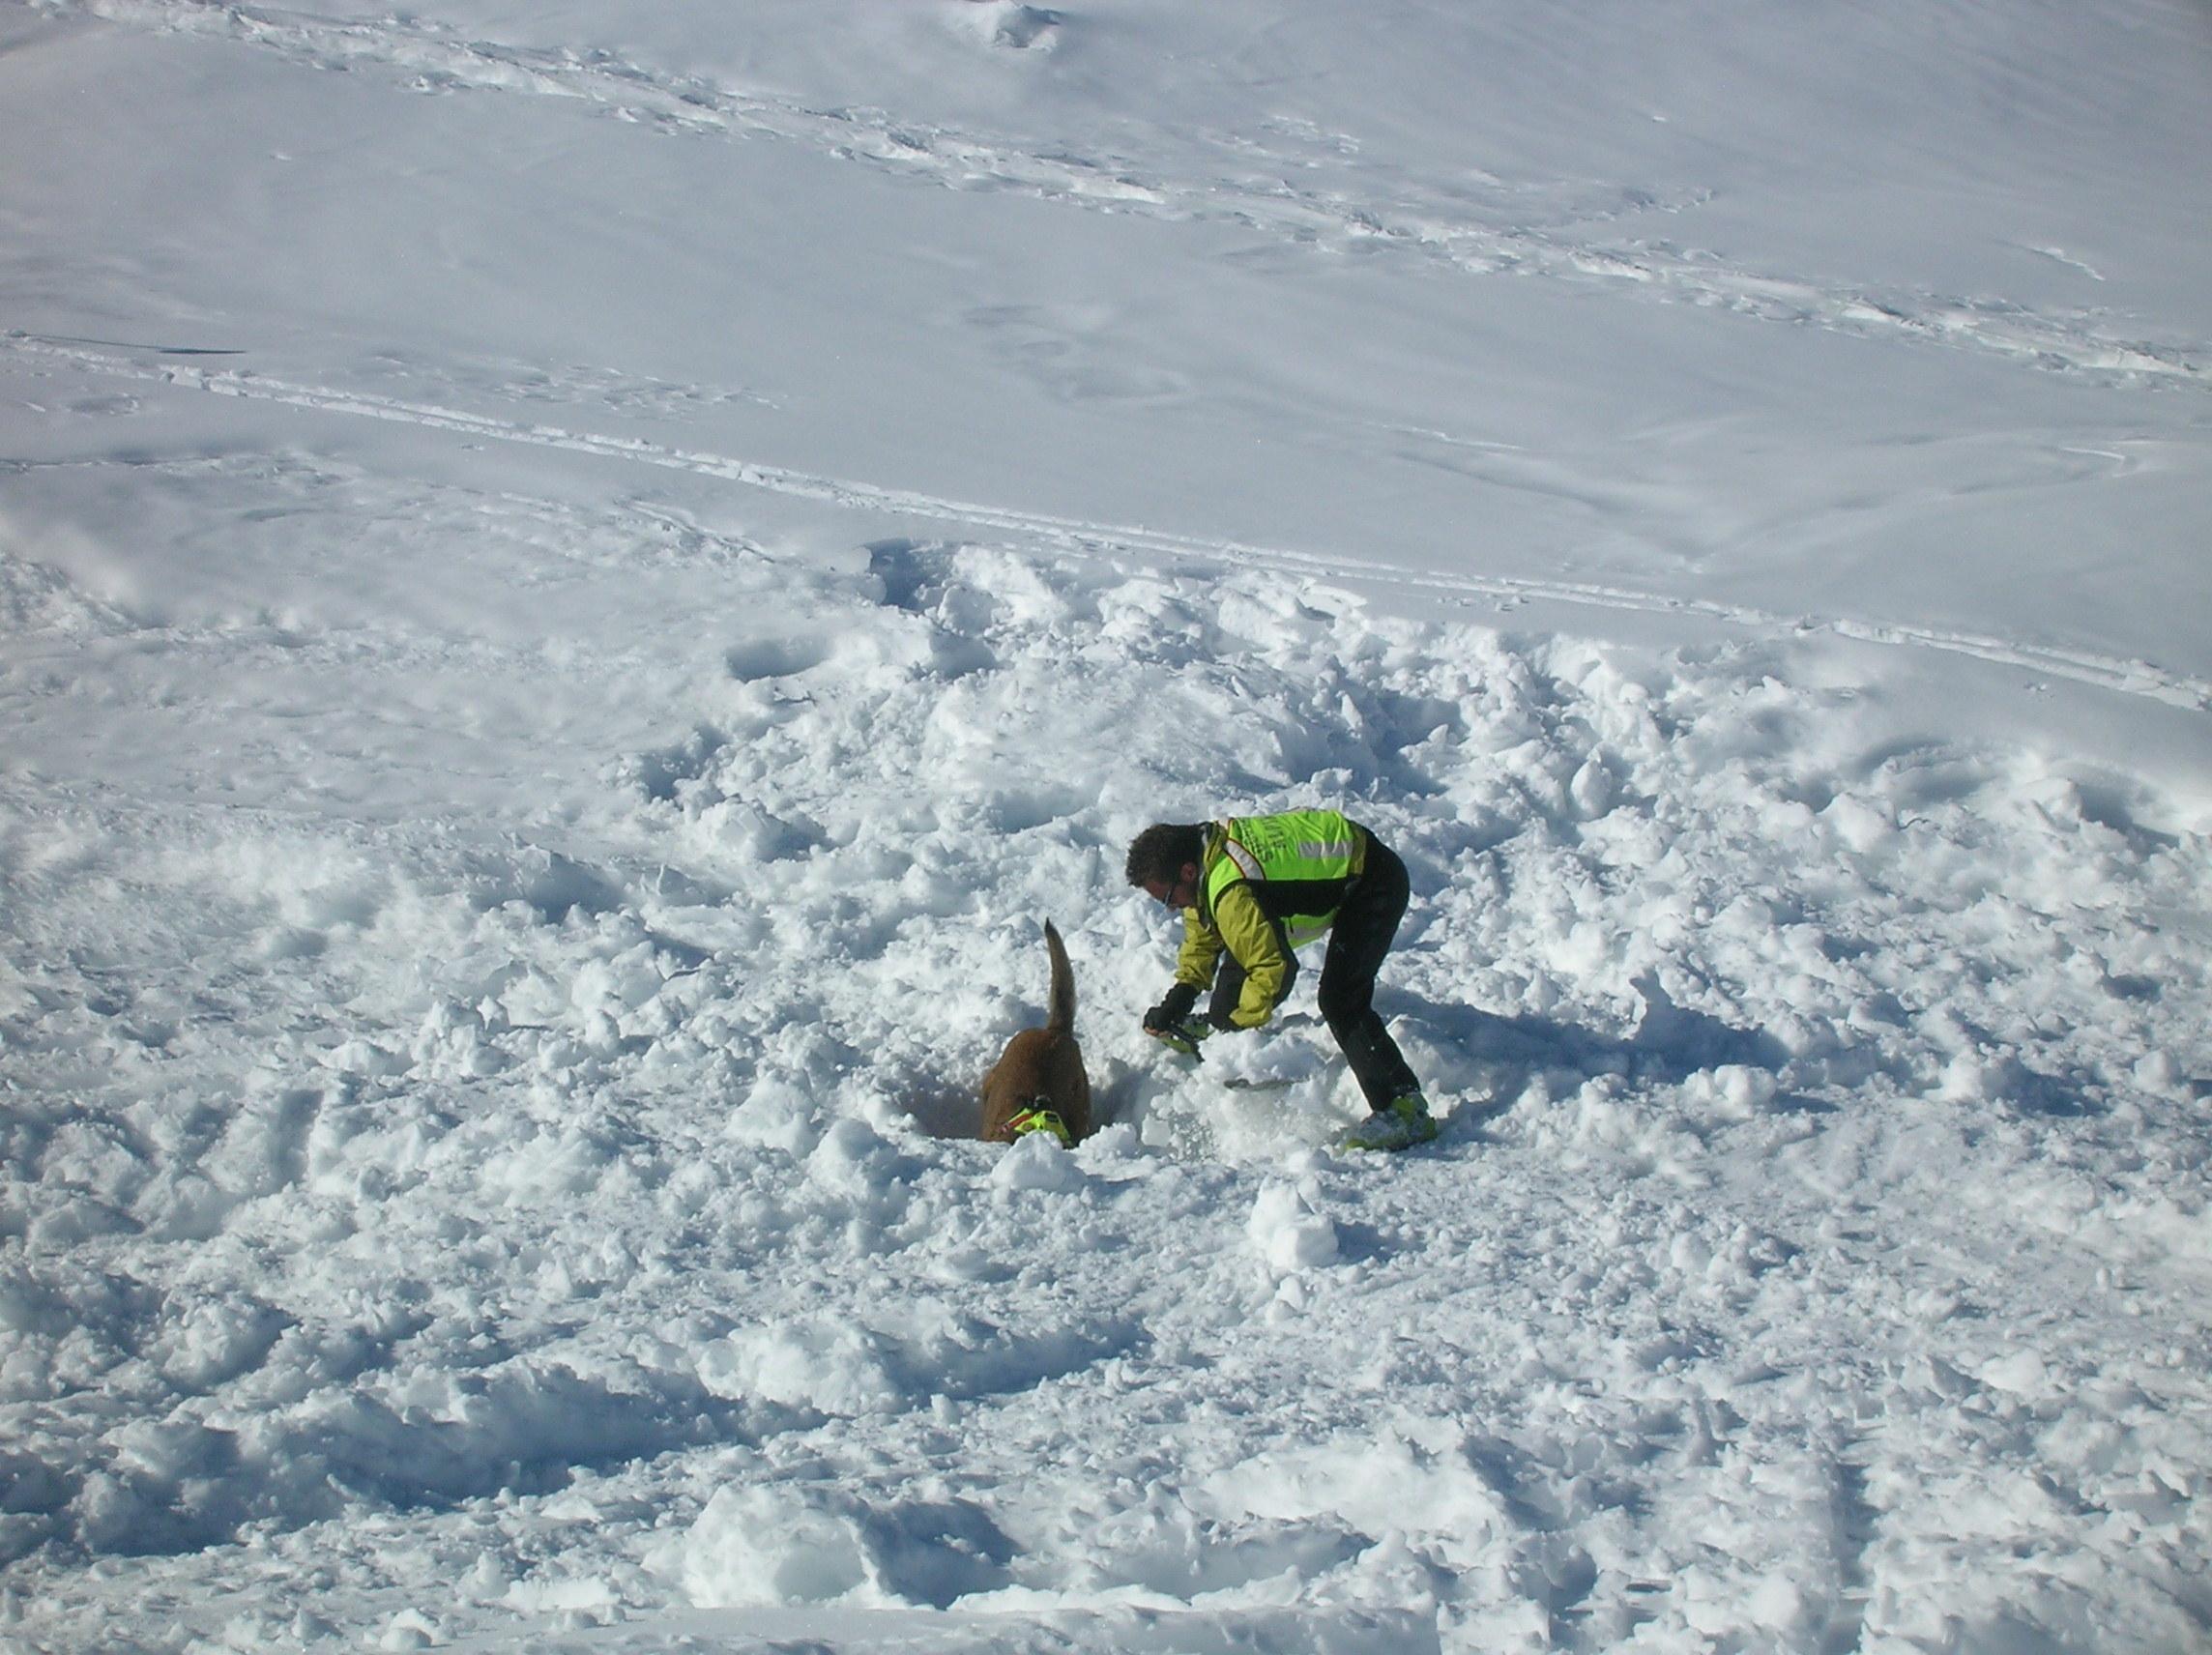 Valanghe sulle Alpi: considerazioni sulla stagione in corso